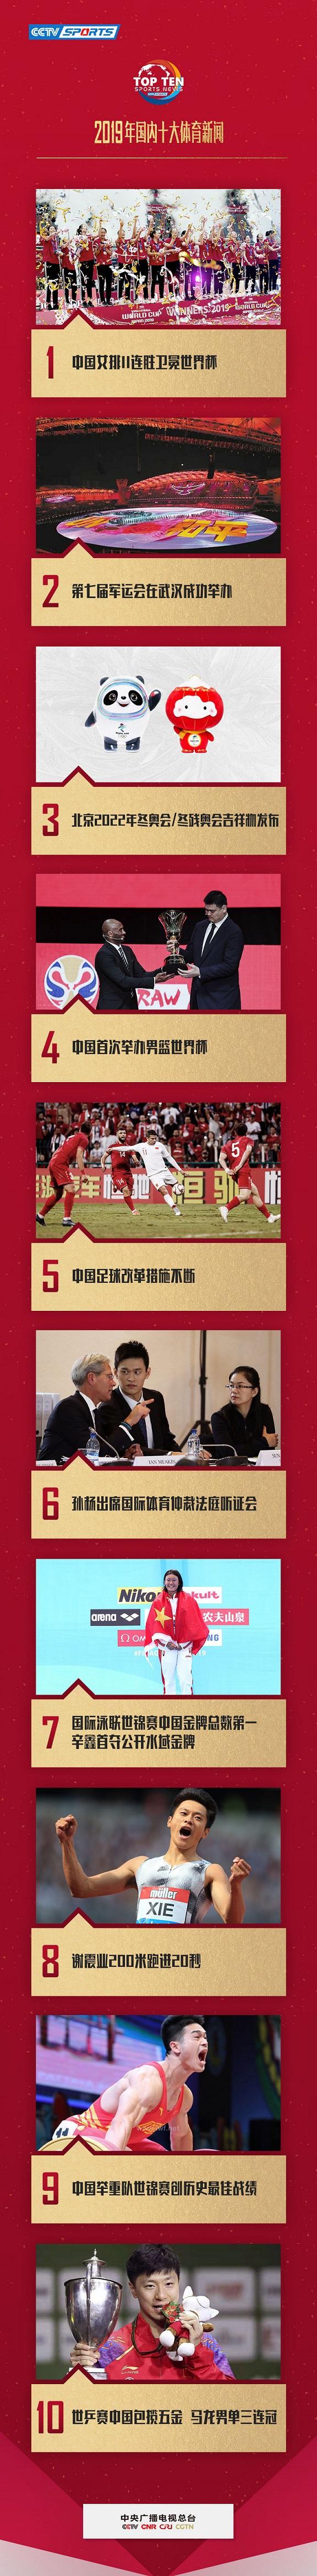 中央广播电视总台评出2019年国内十大体育新闻图片